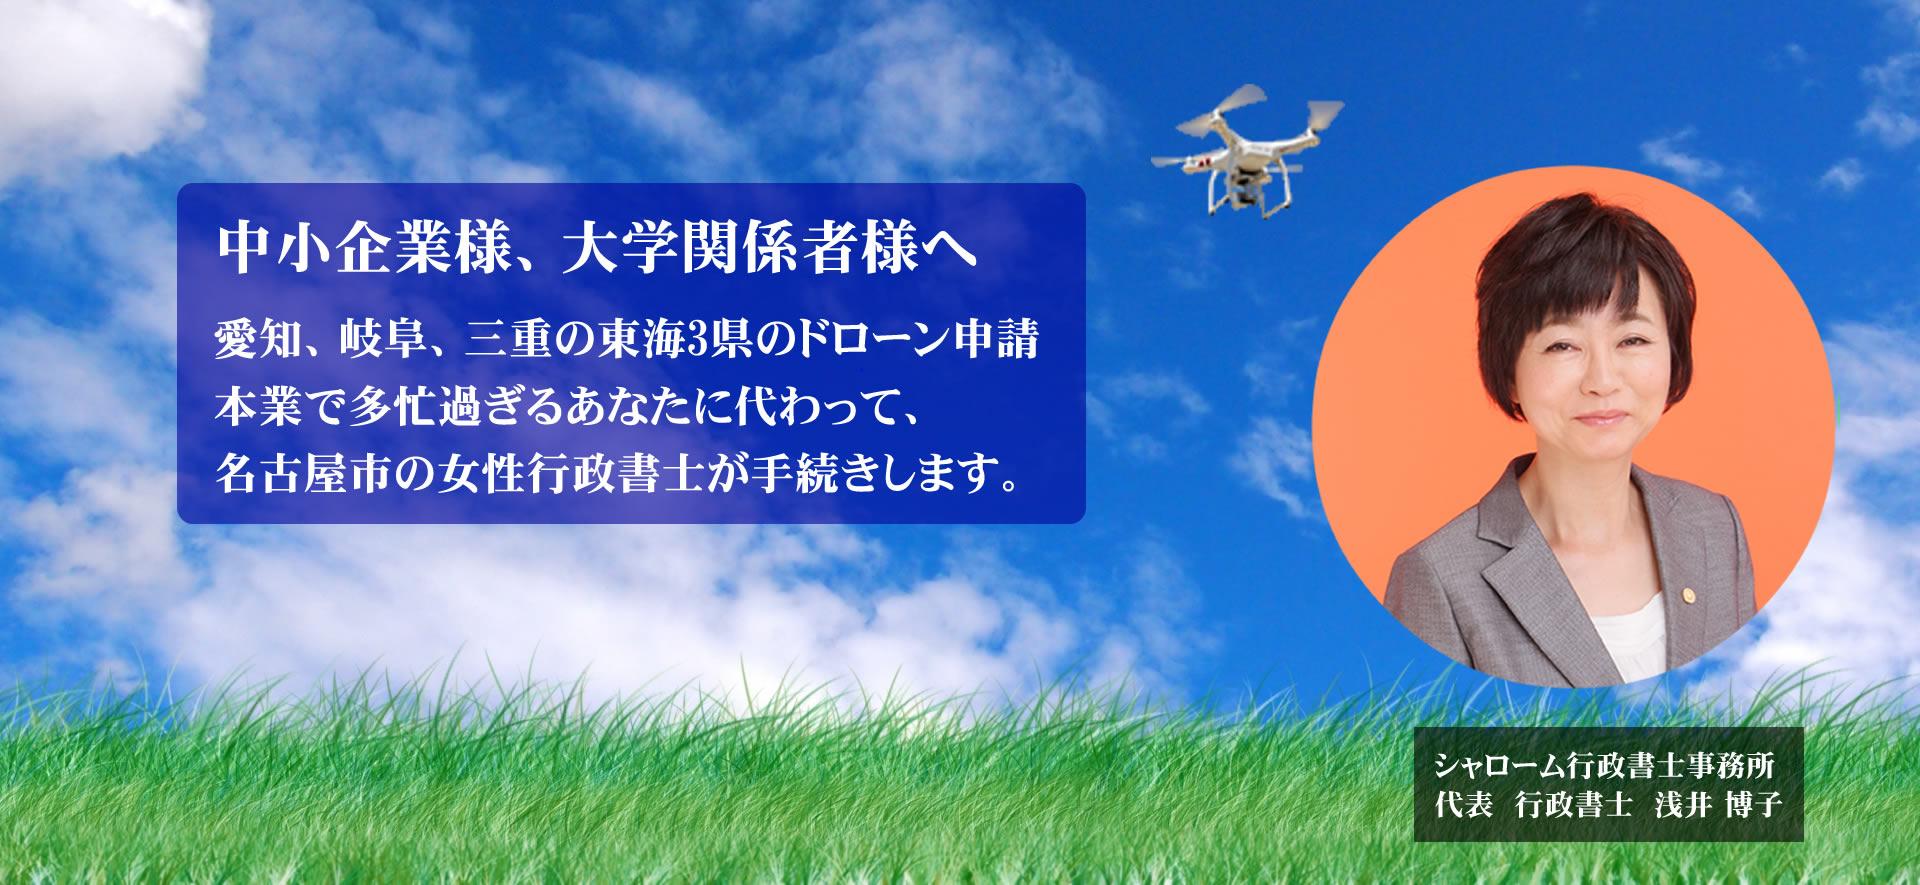 名古屋市ドローン申請